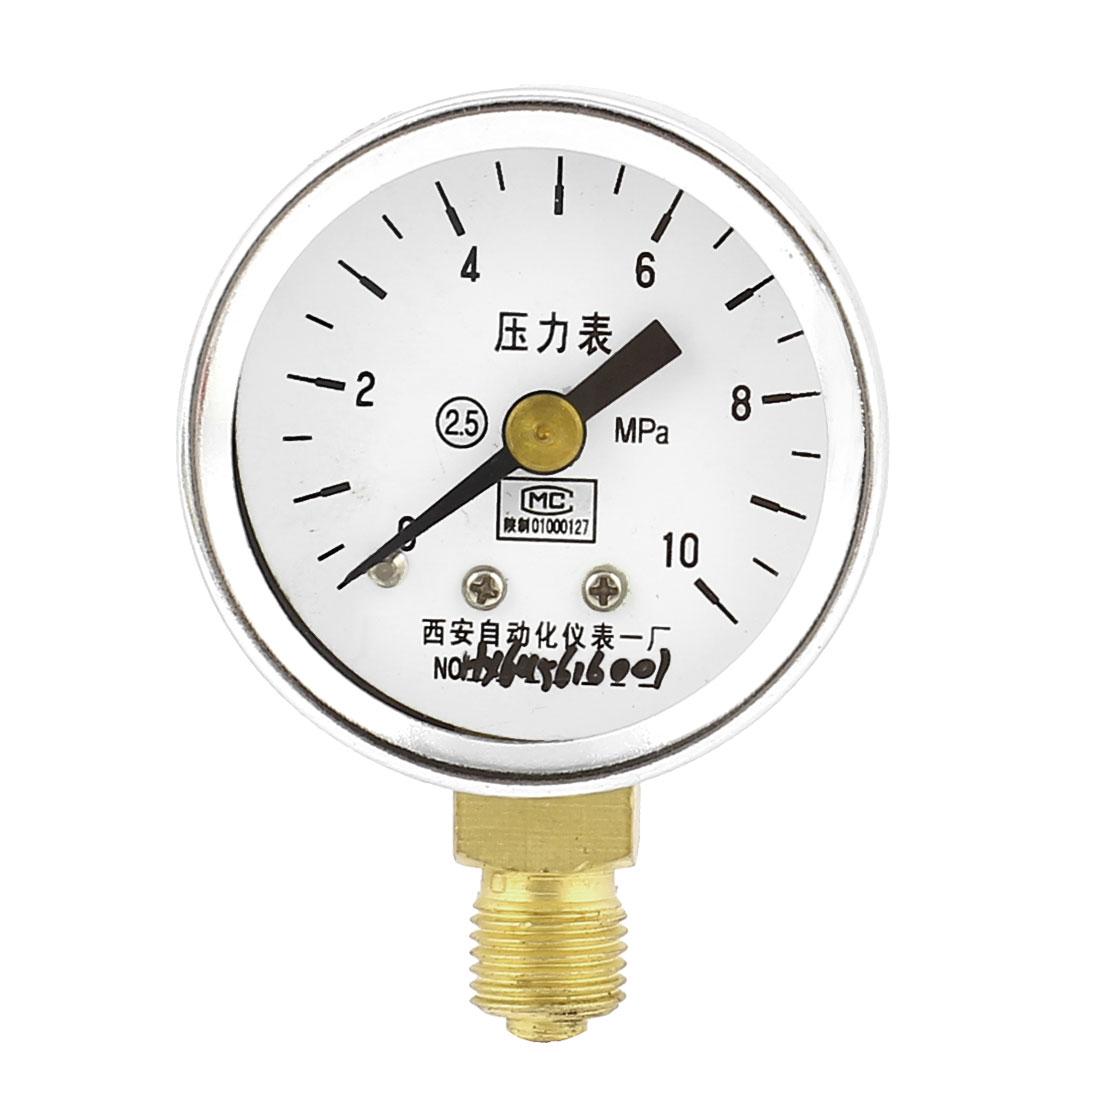 Round Dial Air Pneumatic Vacuum Pressure Meter Gauge 0-10MPa 40mm